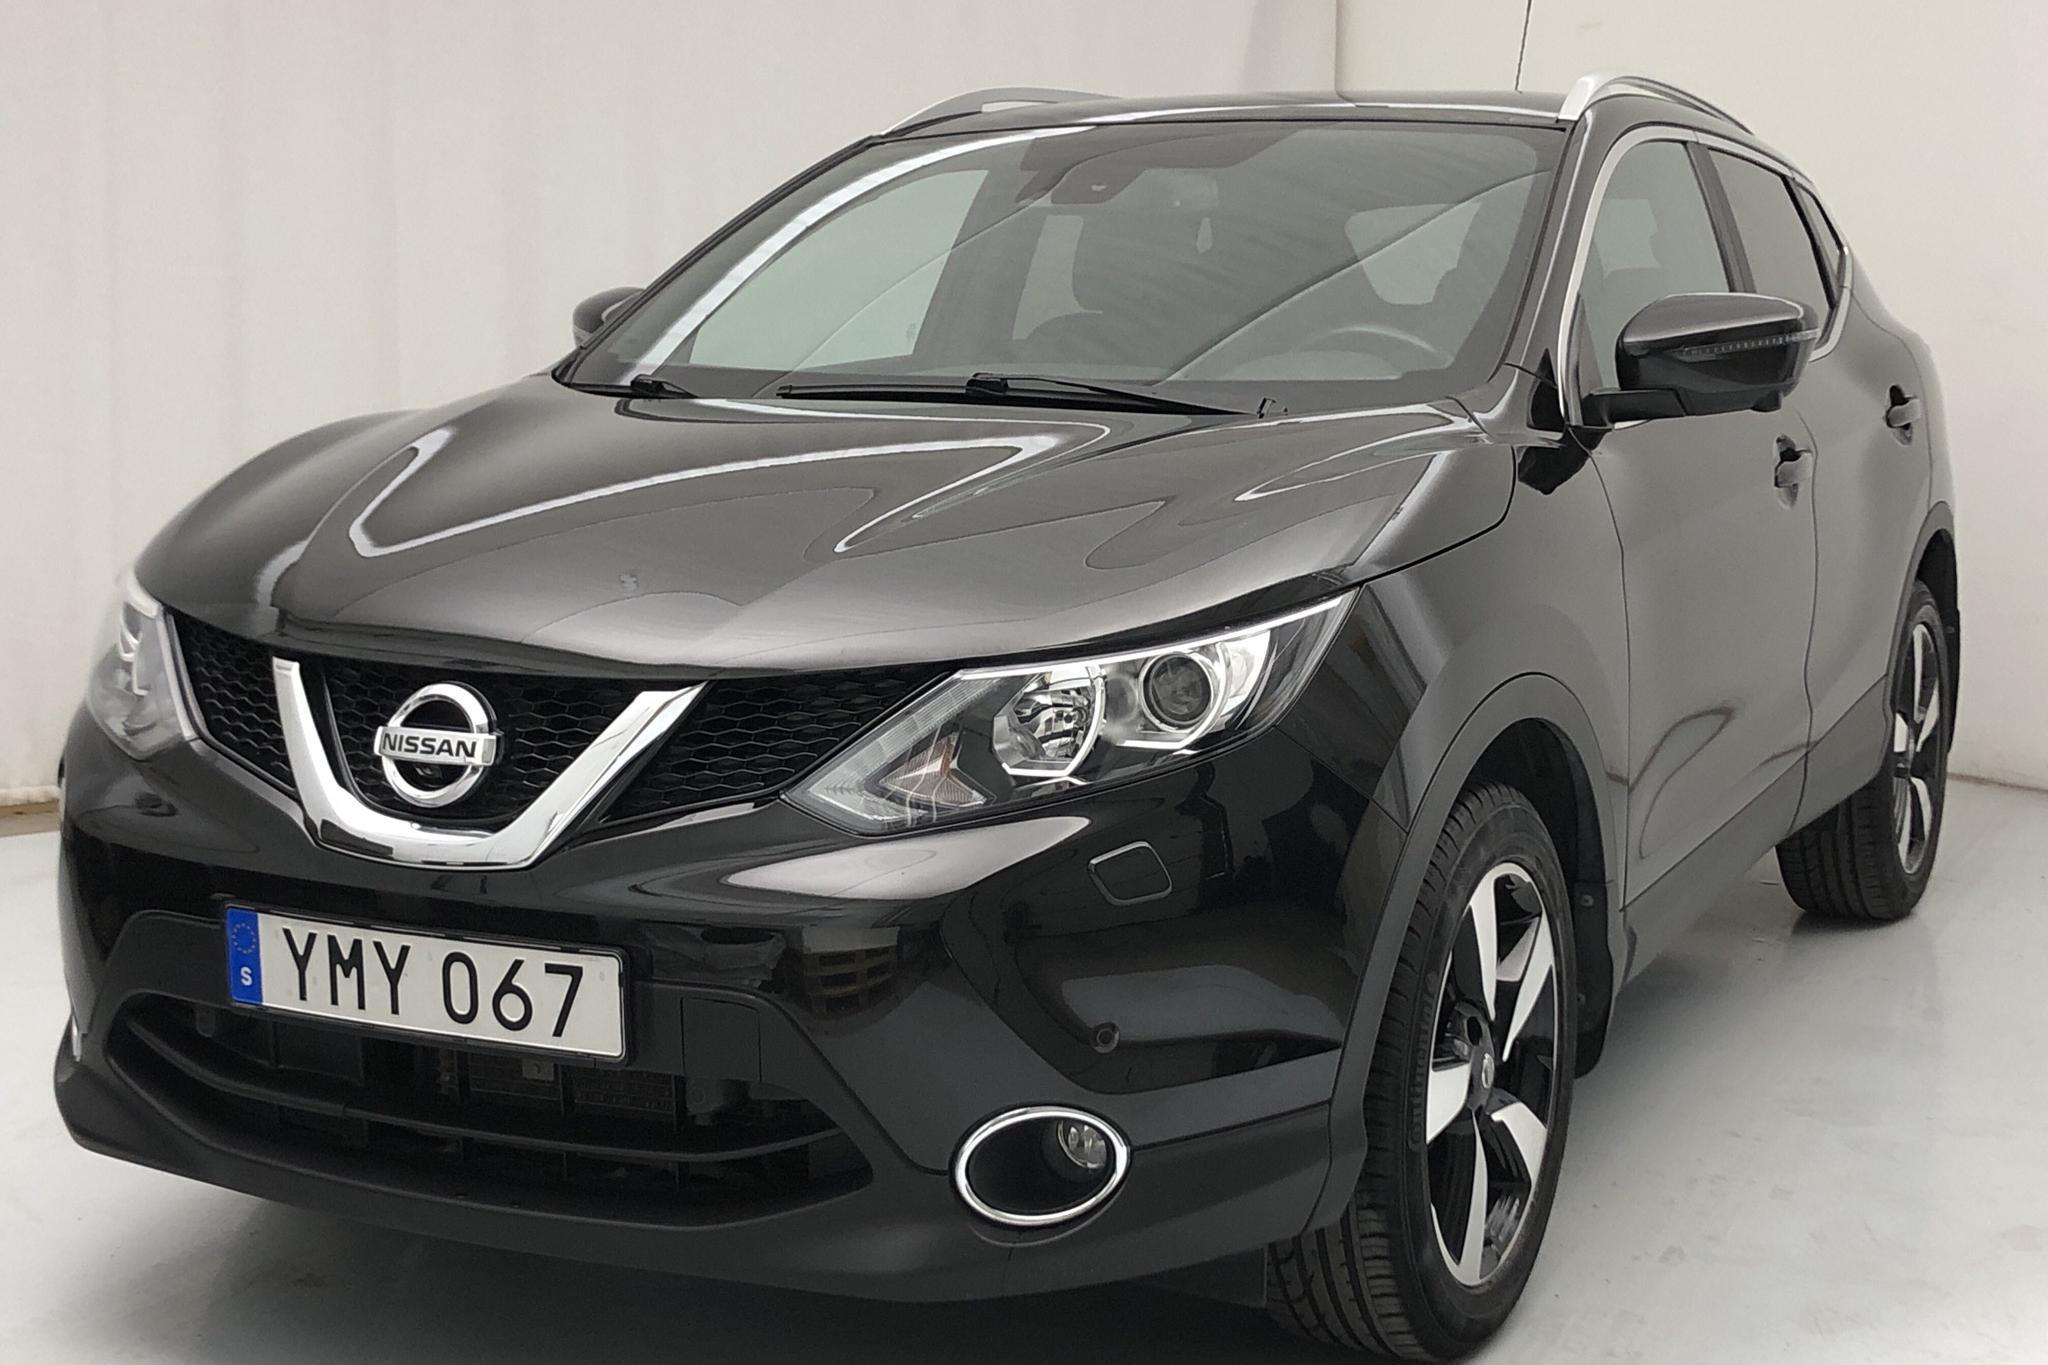 Nissan Qashqai 1.2 (115hk) - 5 658 mil - Automat - svart - 2017